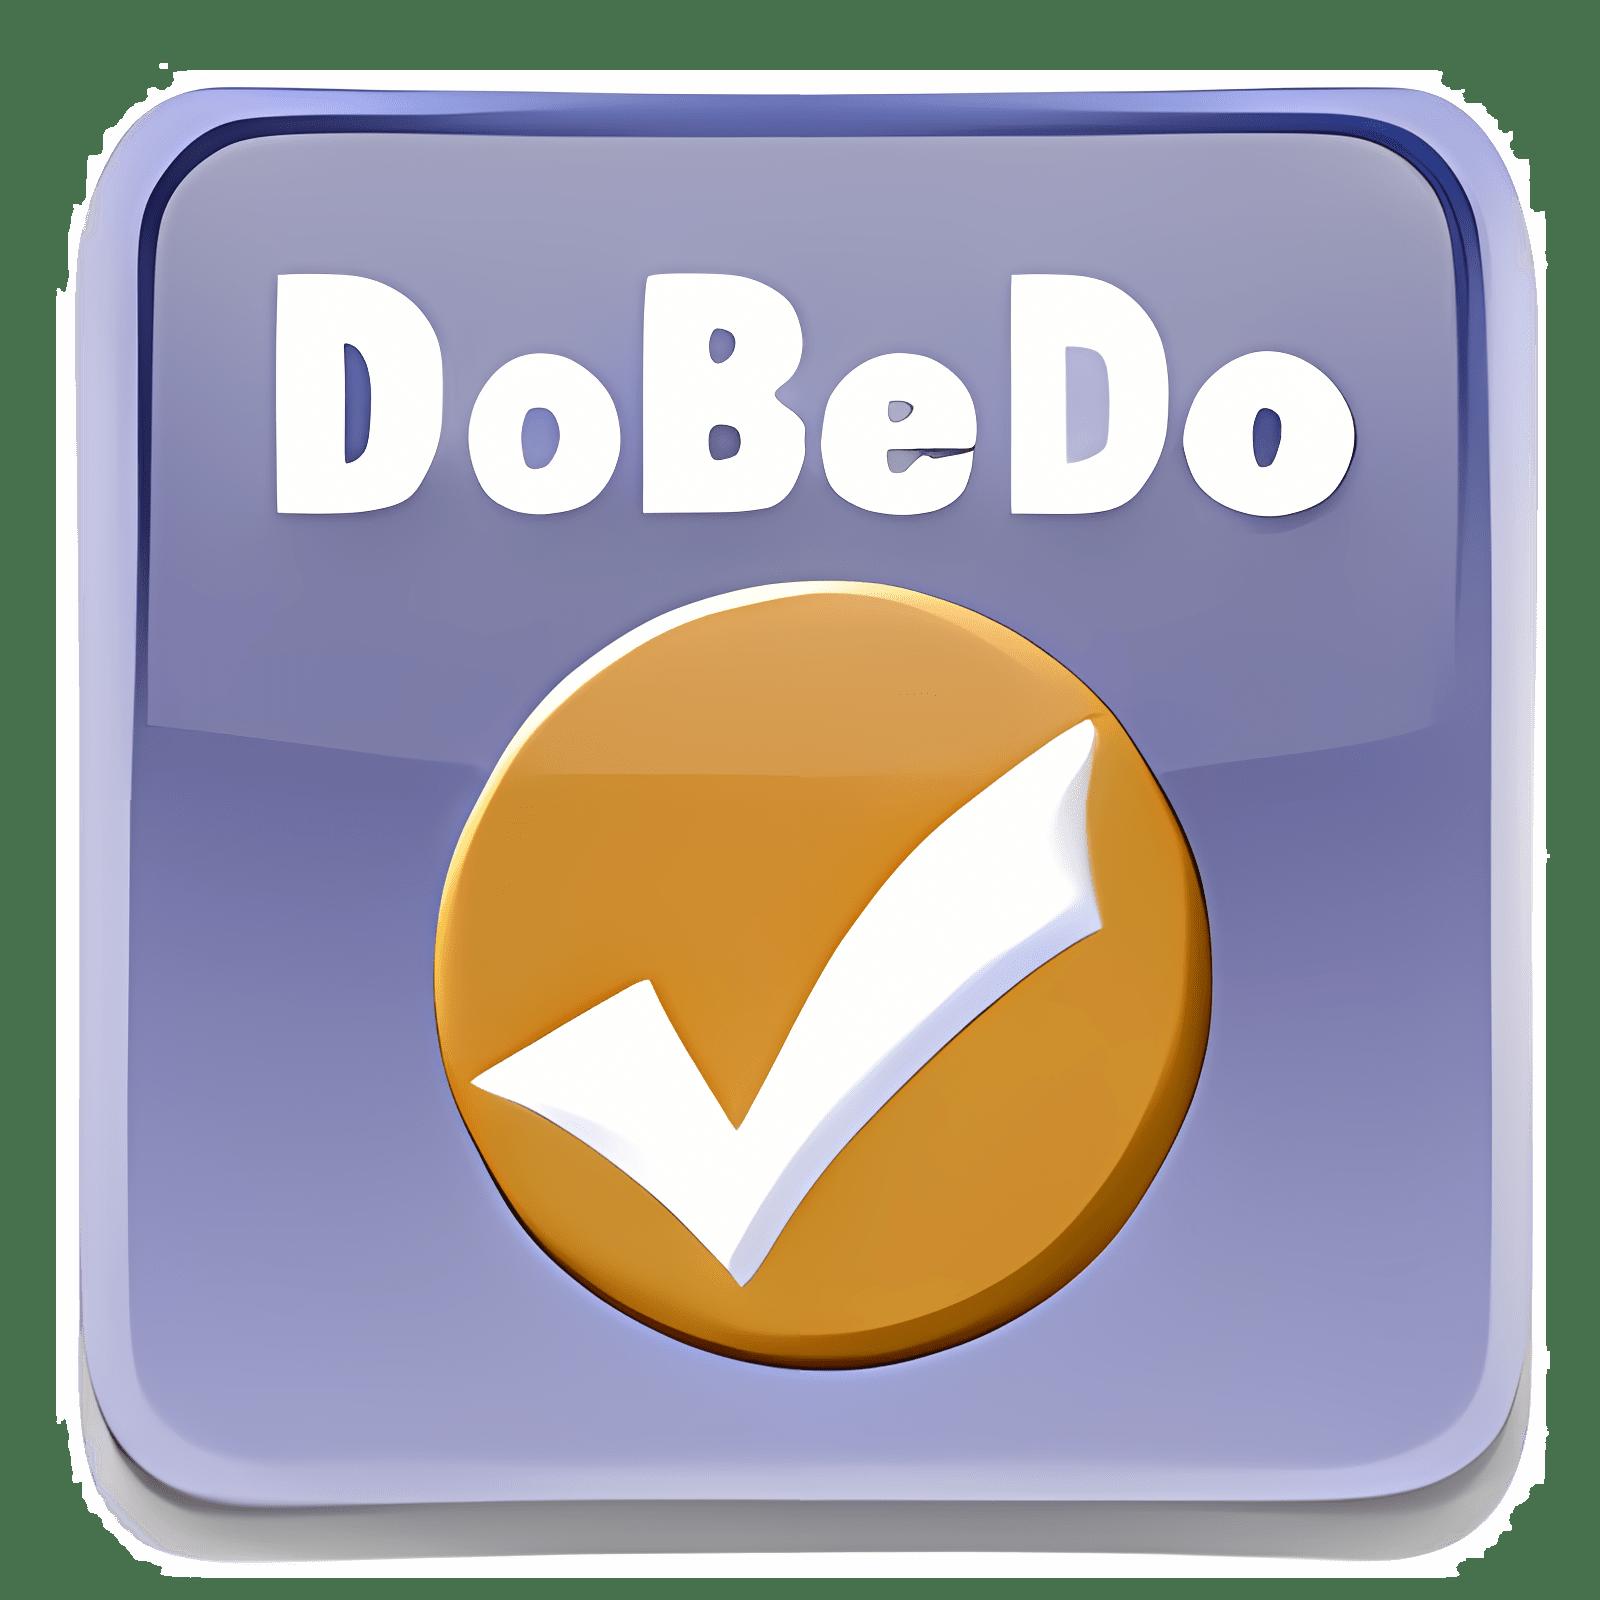 DoBeDo